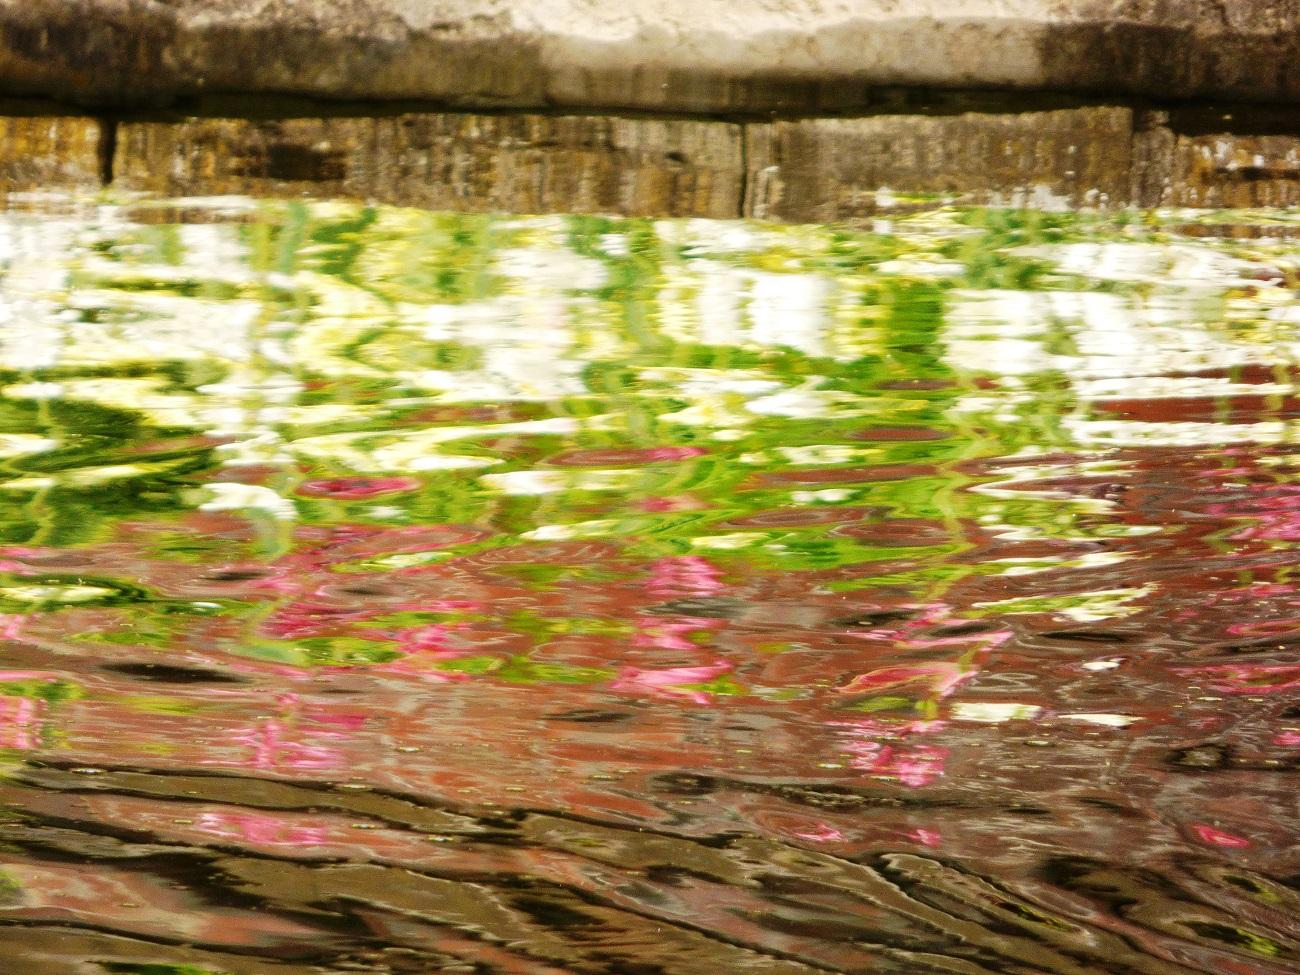 20170407_Westminster_Kensington-Palace-Memorial-Garden_A-reflective-day